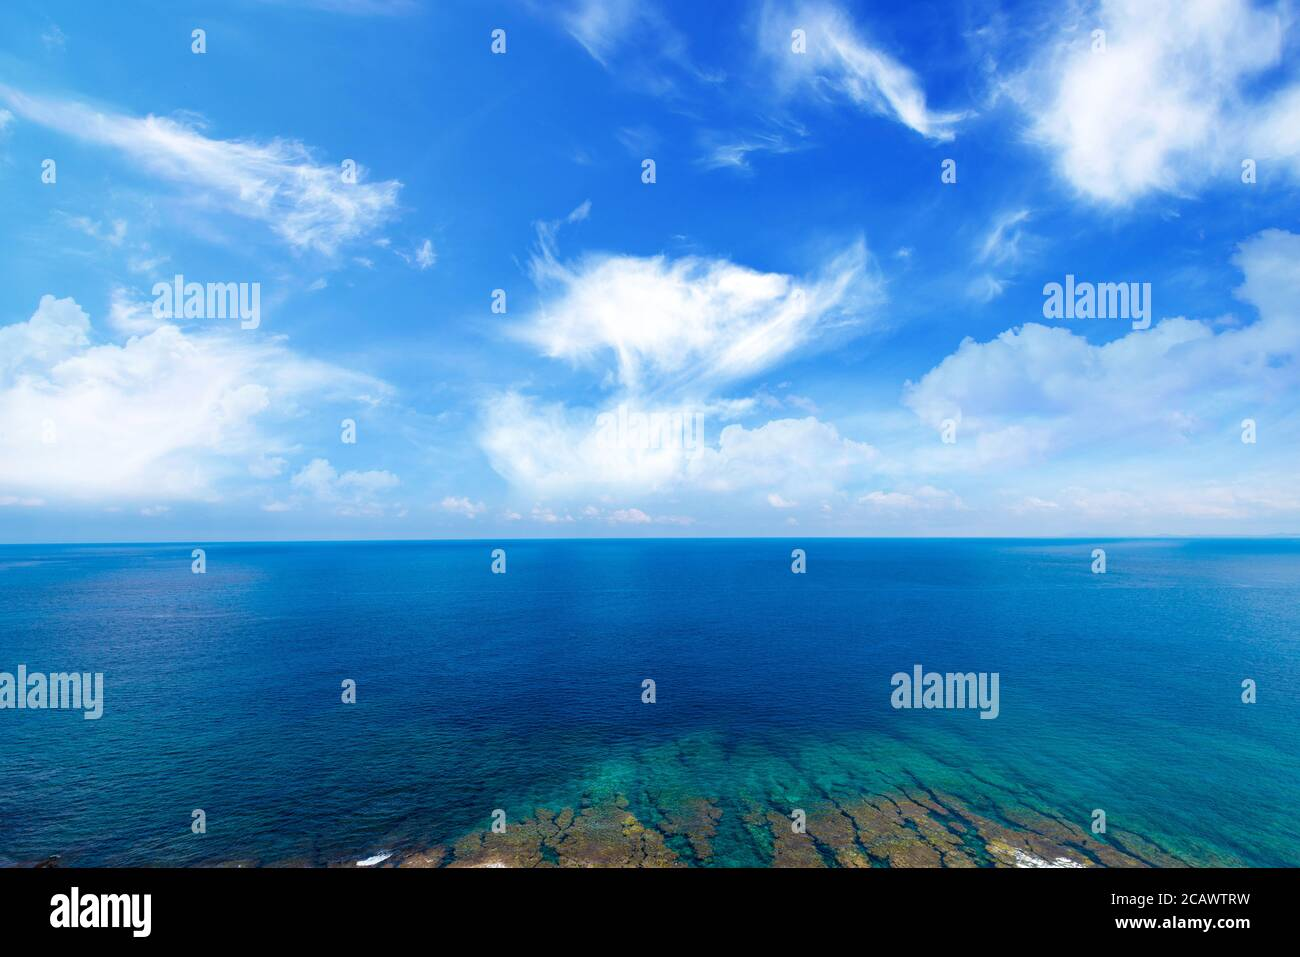 Sea, coast, seascape. Okinawa, Japan, and Asia. Stock Photo